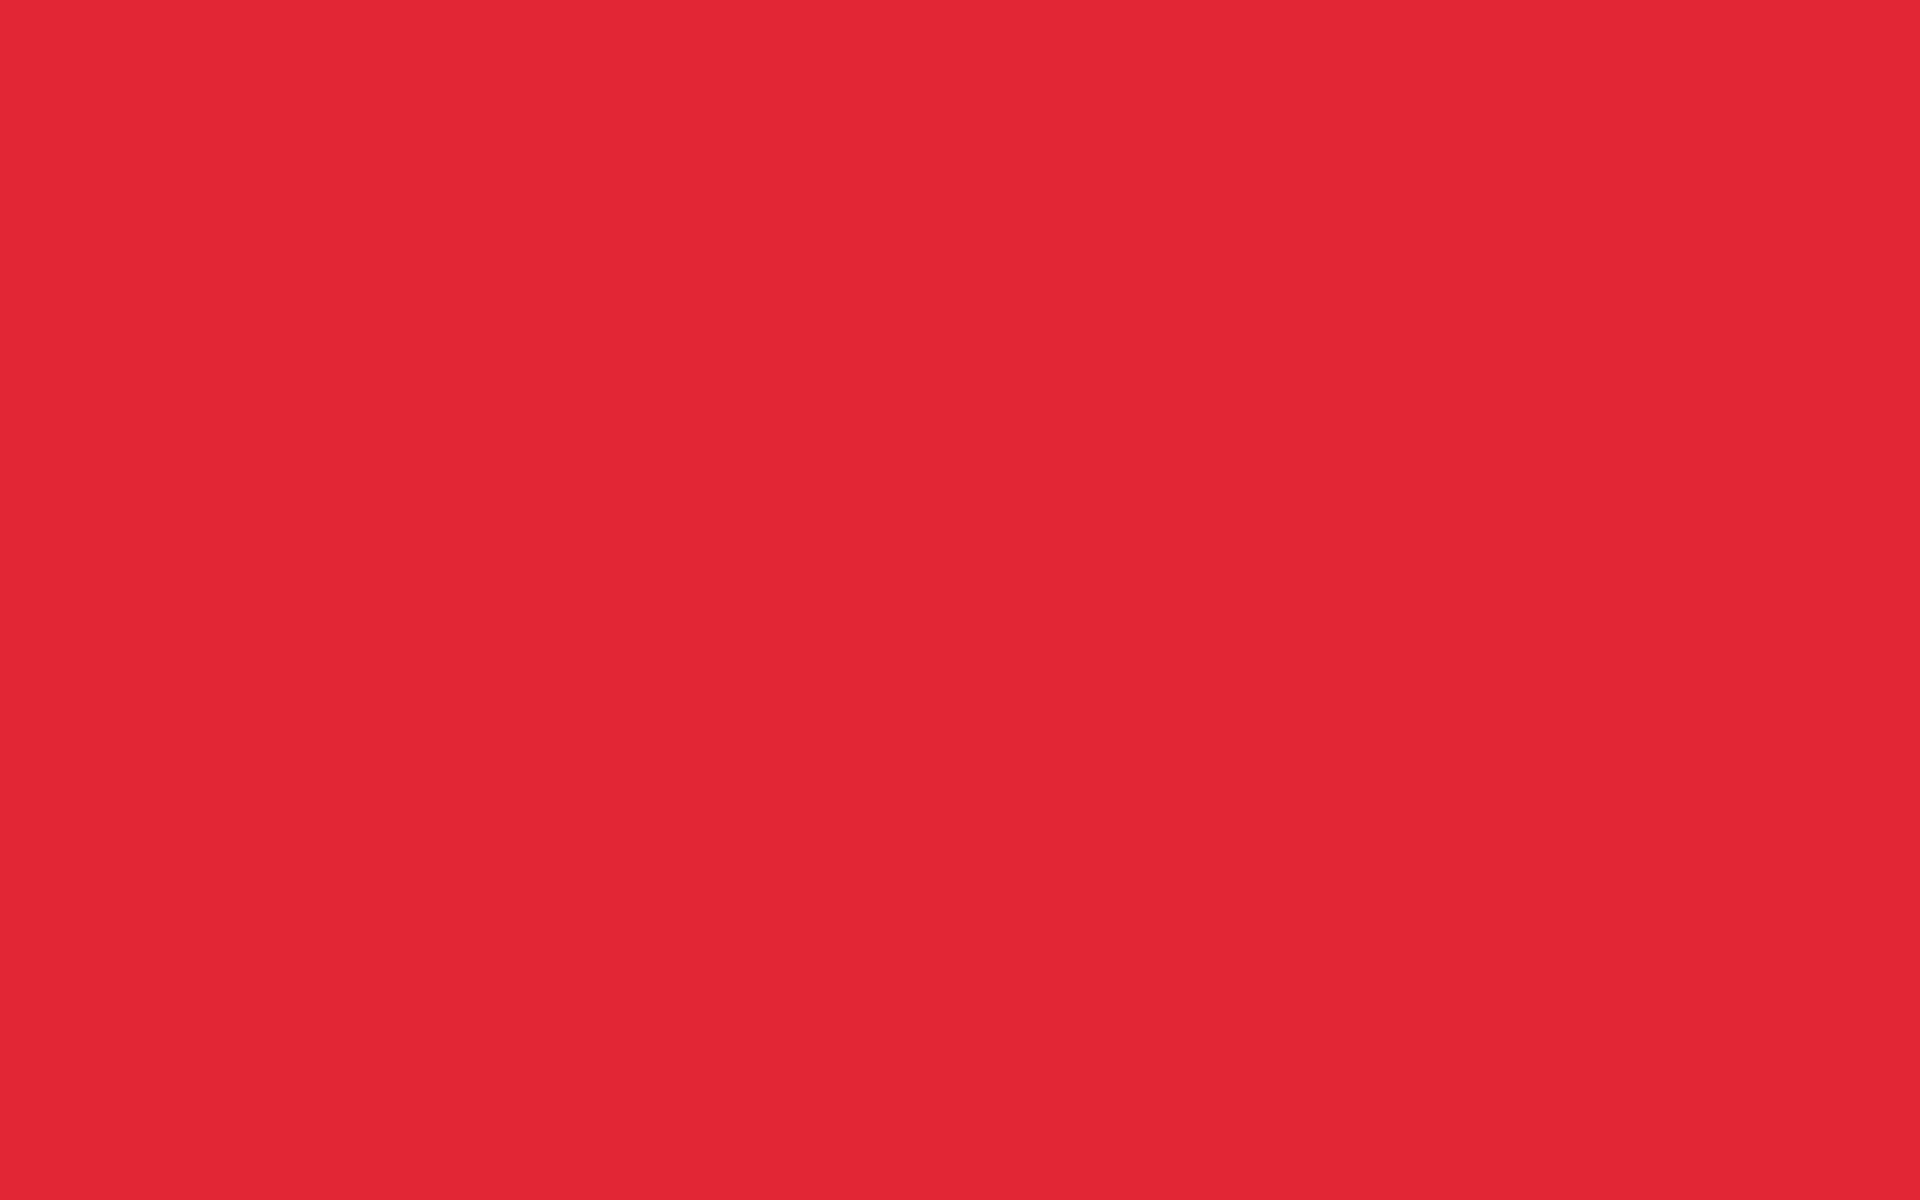 1920x1200 Alizarin Crimson Solid Color Background